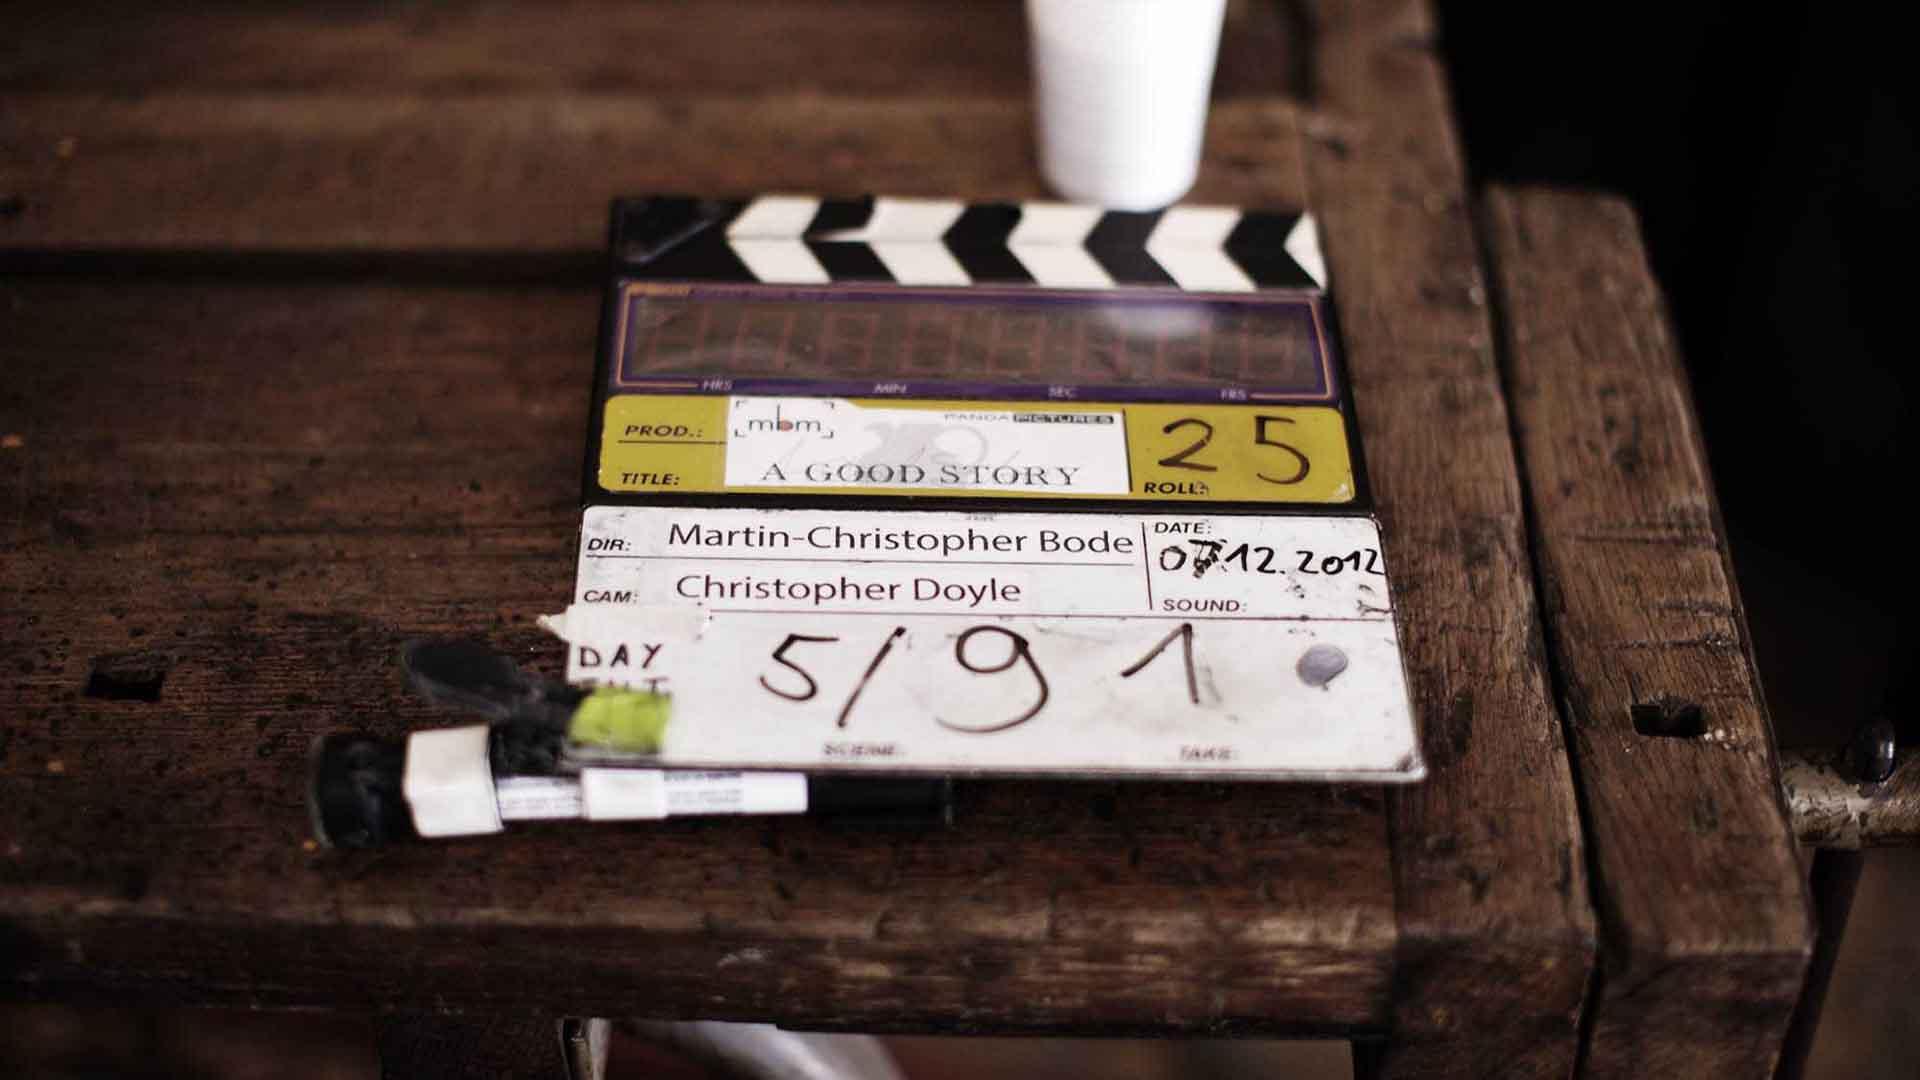 Das Bild zeigt eine Filmklappe die auf einem Holztisch liegt. Auf ihr sieht man die Zahlen 5/91. Das Bild dient als Sliderbild für den Portfolioeintrag Eine gute Geschichte von Panda Pictures.